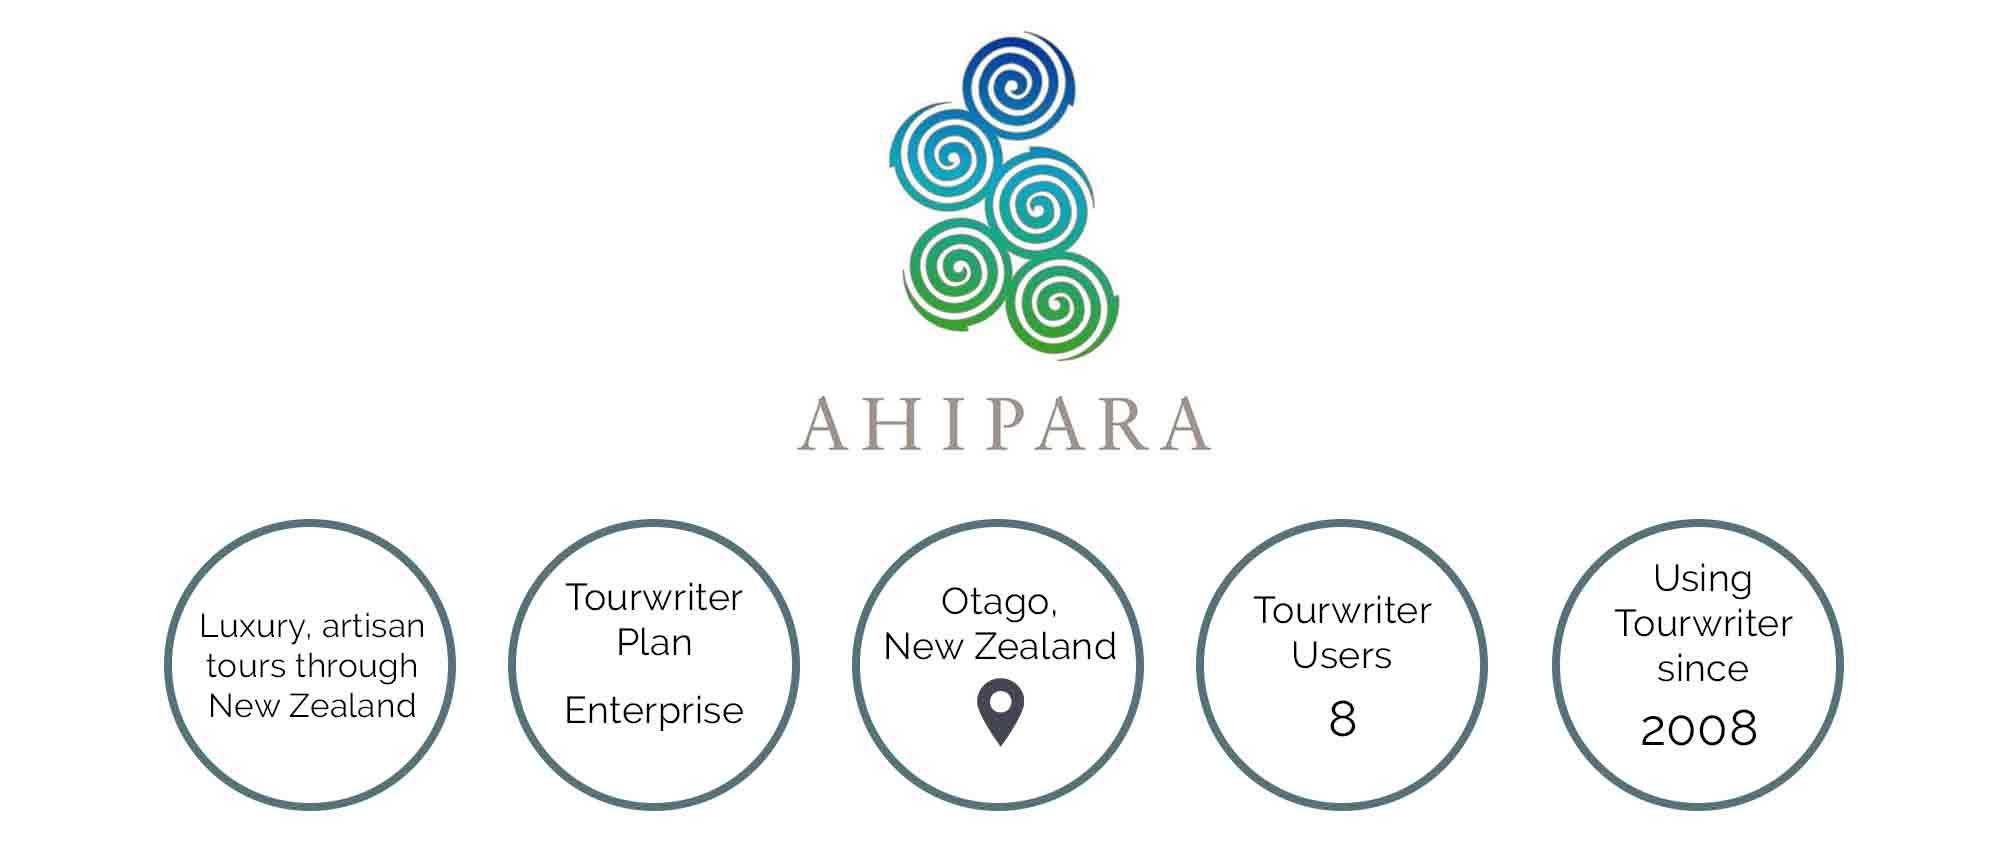 Ahipara tour operator